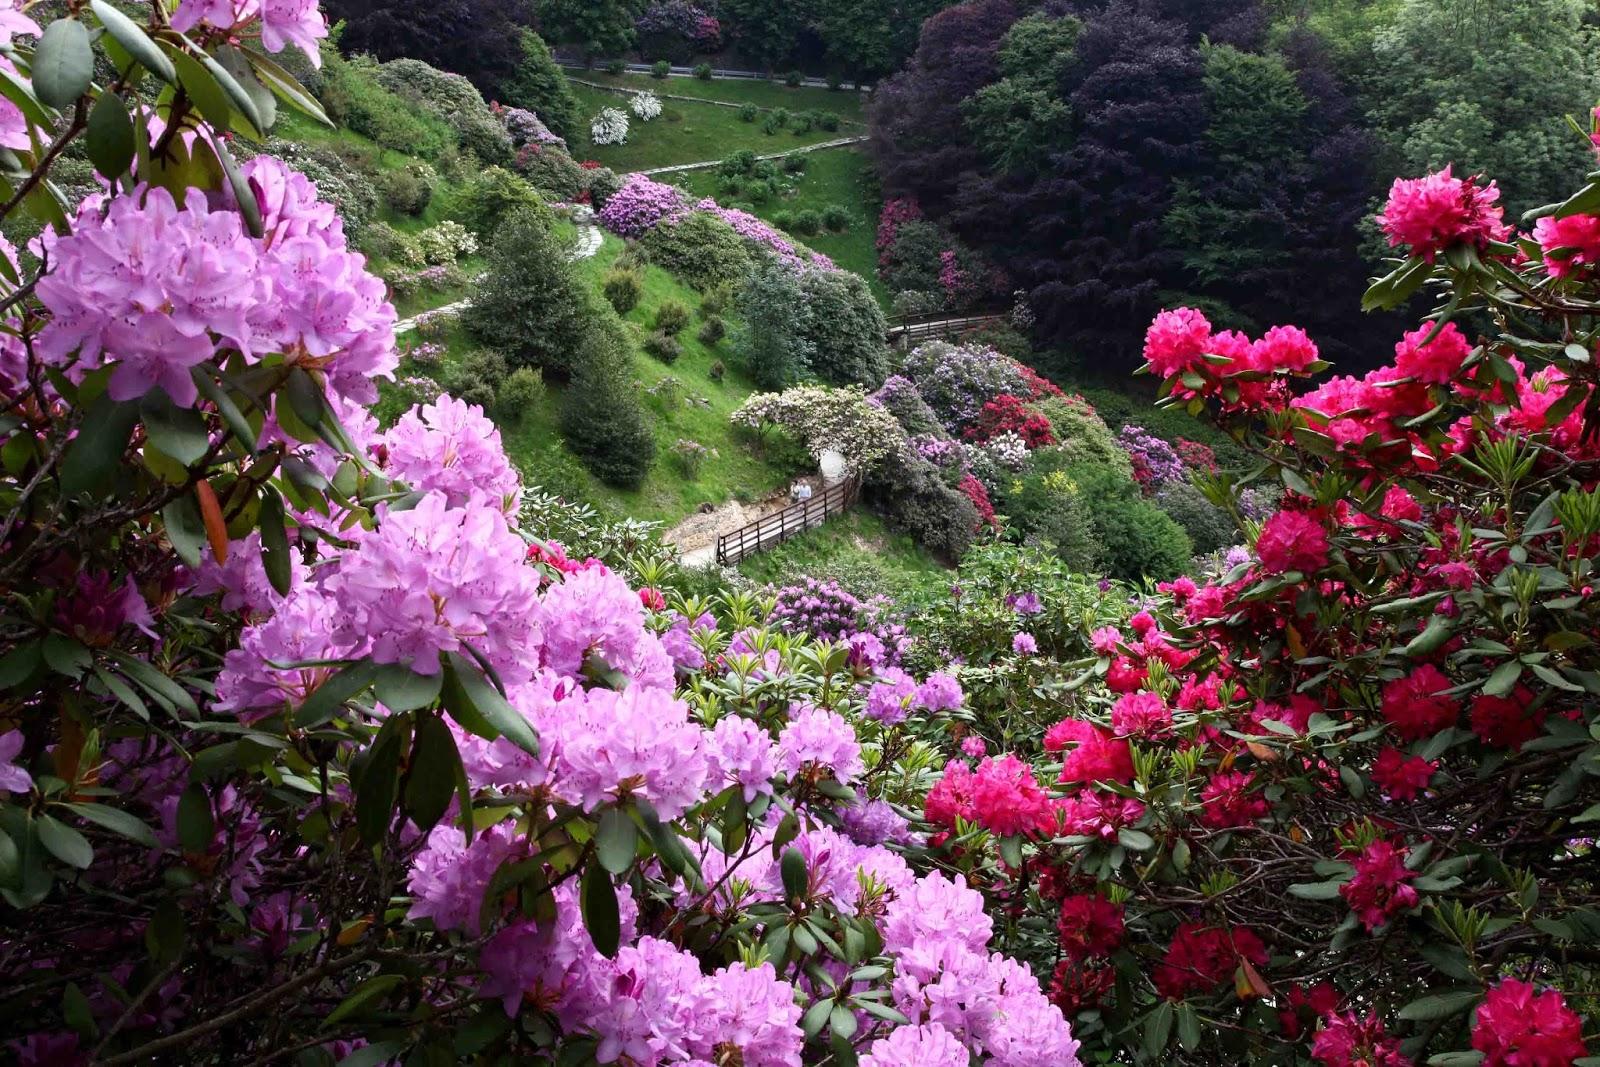 LOMBARDIA Giardino Botanico Heller (Gardone Riviera 5e30ef39025